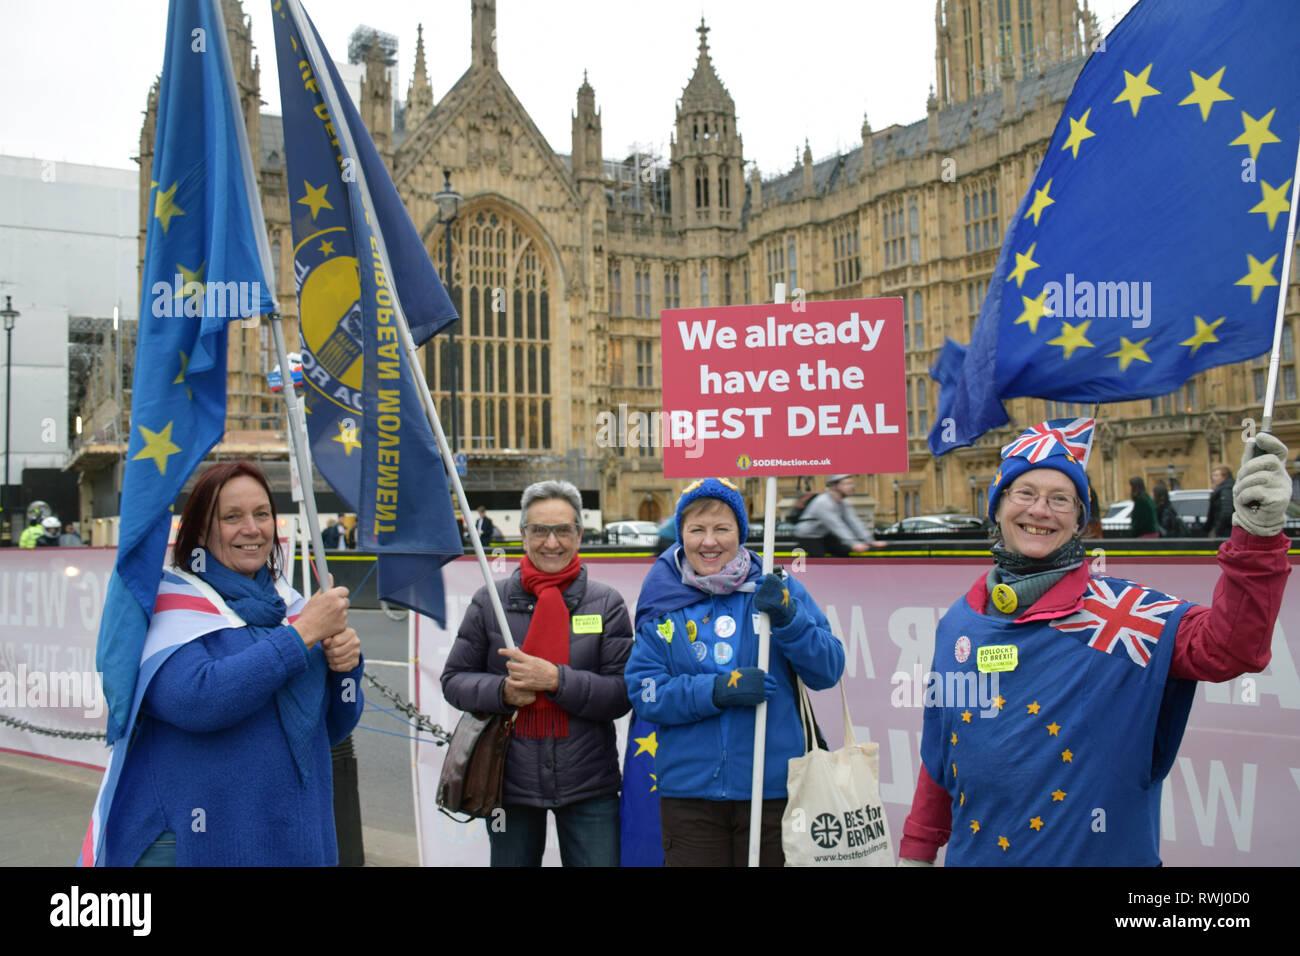 Protesta parlamentaria diaria por SODEM - Stand de desafío el Movimiento Europeo que fue iniciado por Stephen Bray en 2017 en protesta por Brexit. Cada día Imagen De Stock